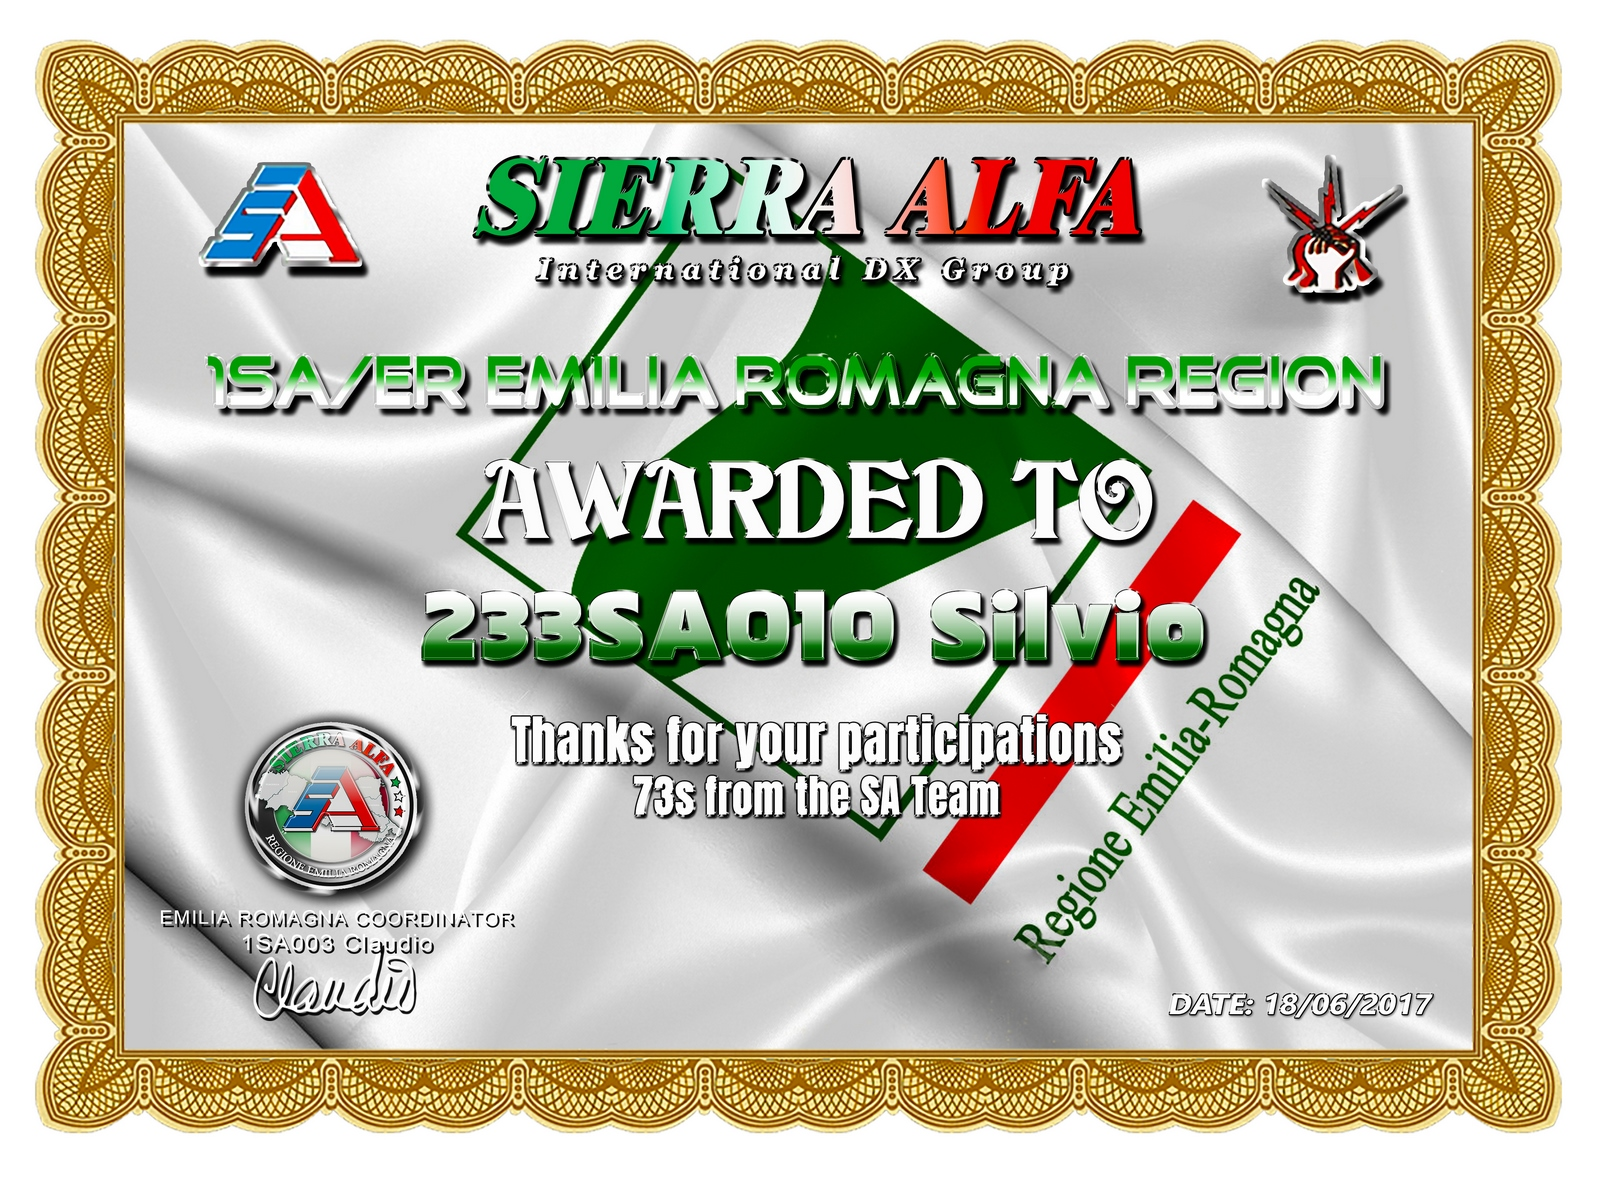 233SA010-Silvio